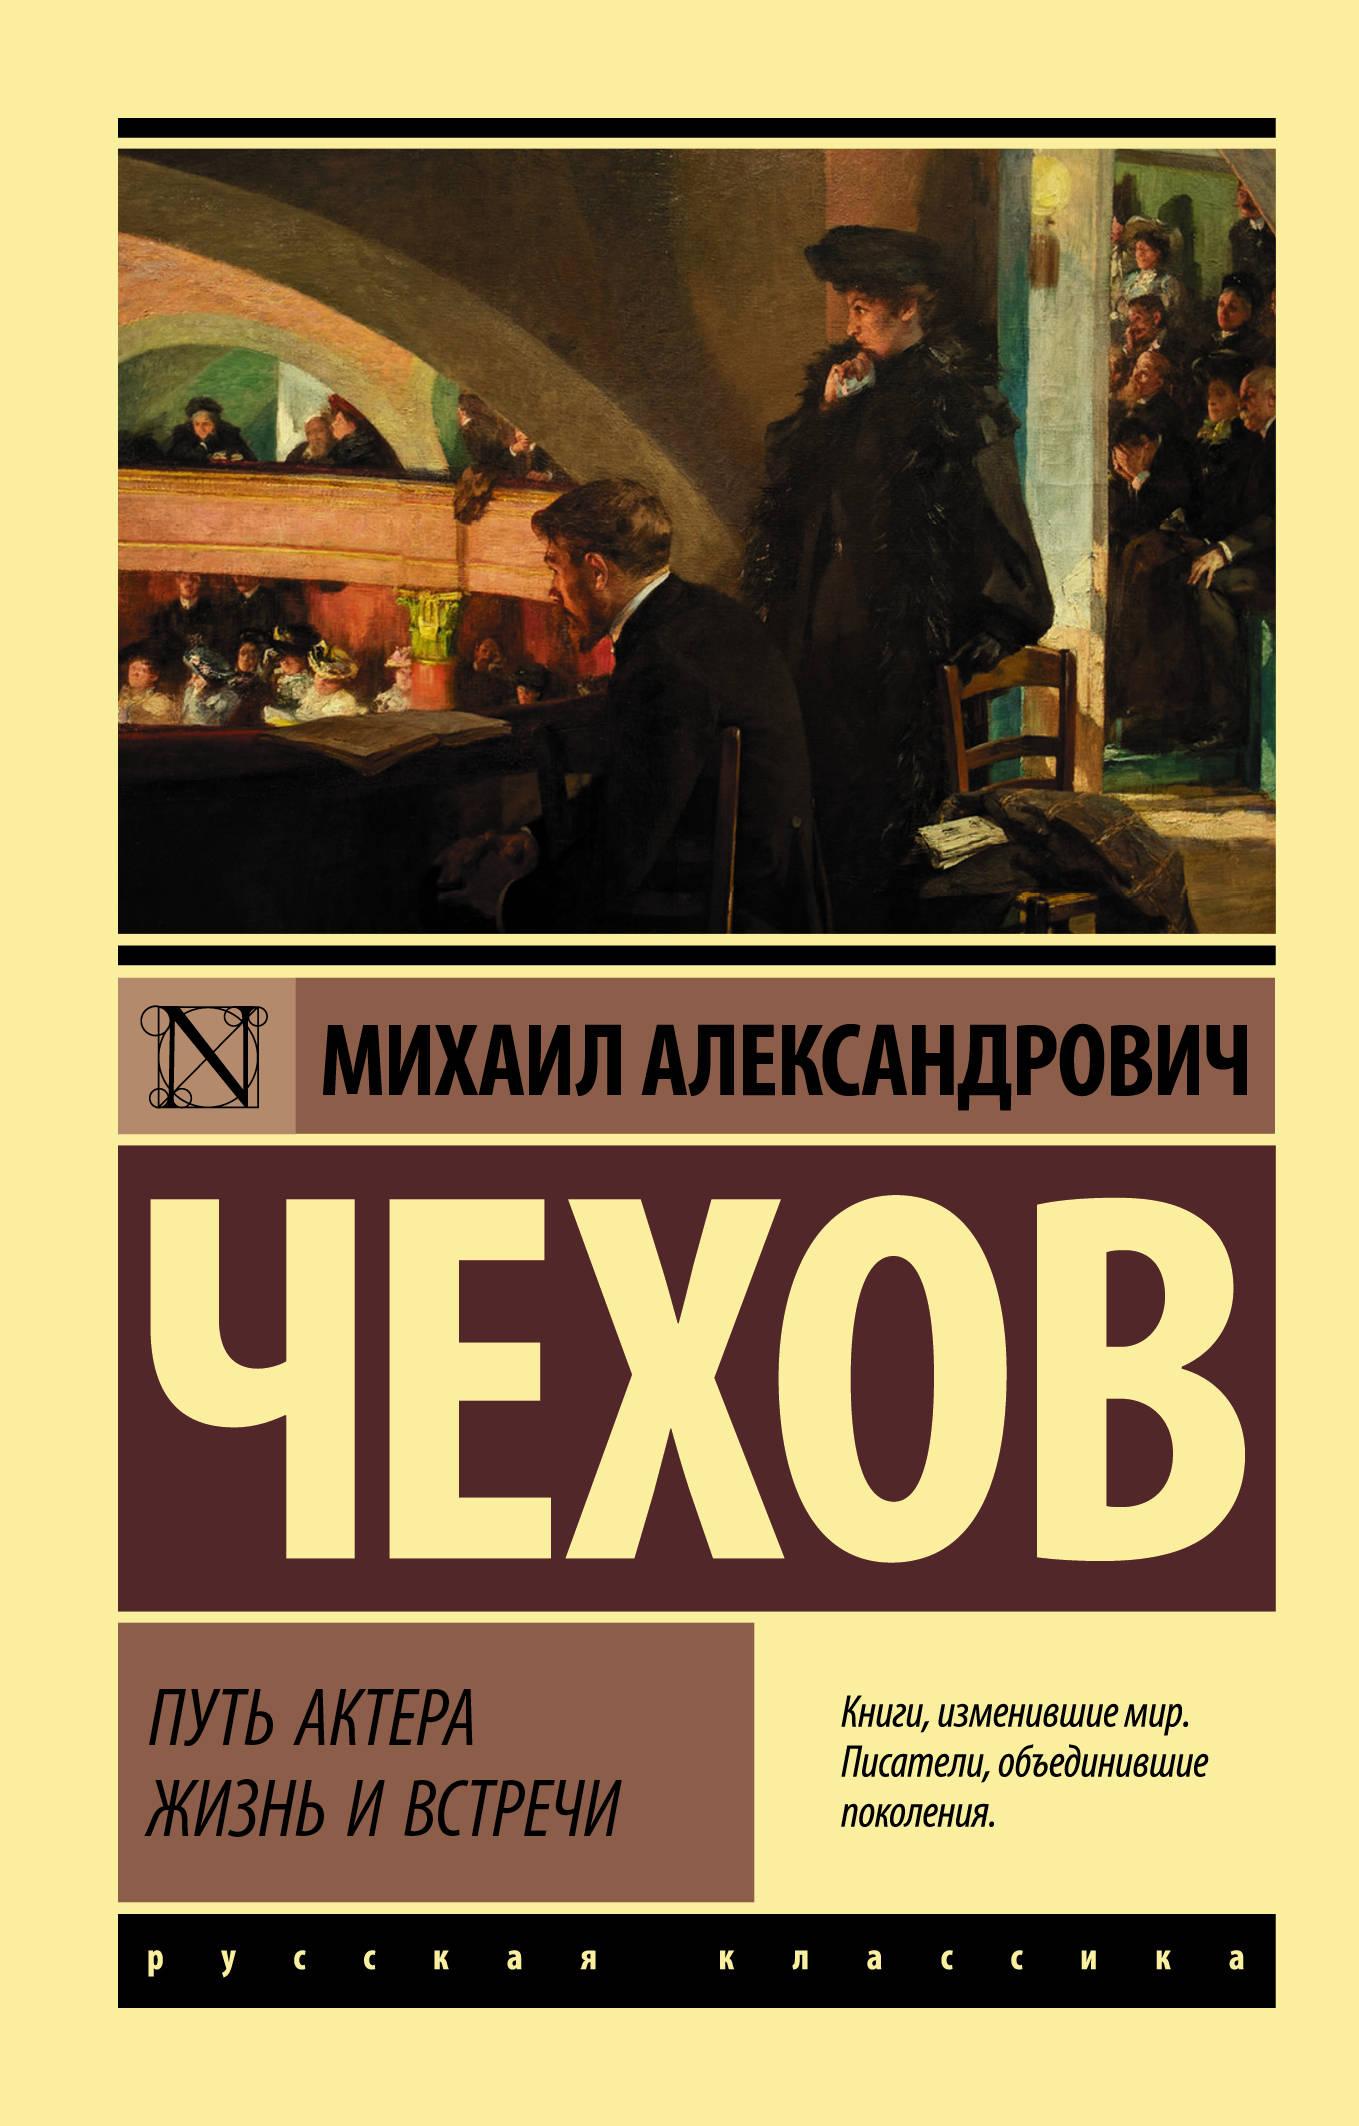 Михаил Александрович Чехов Путь актера. Жизнь и встречи цена и фото